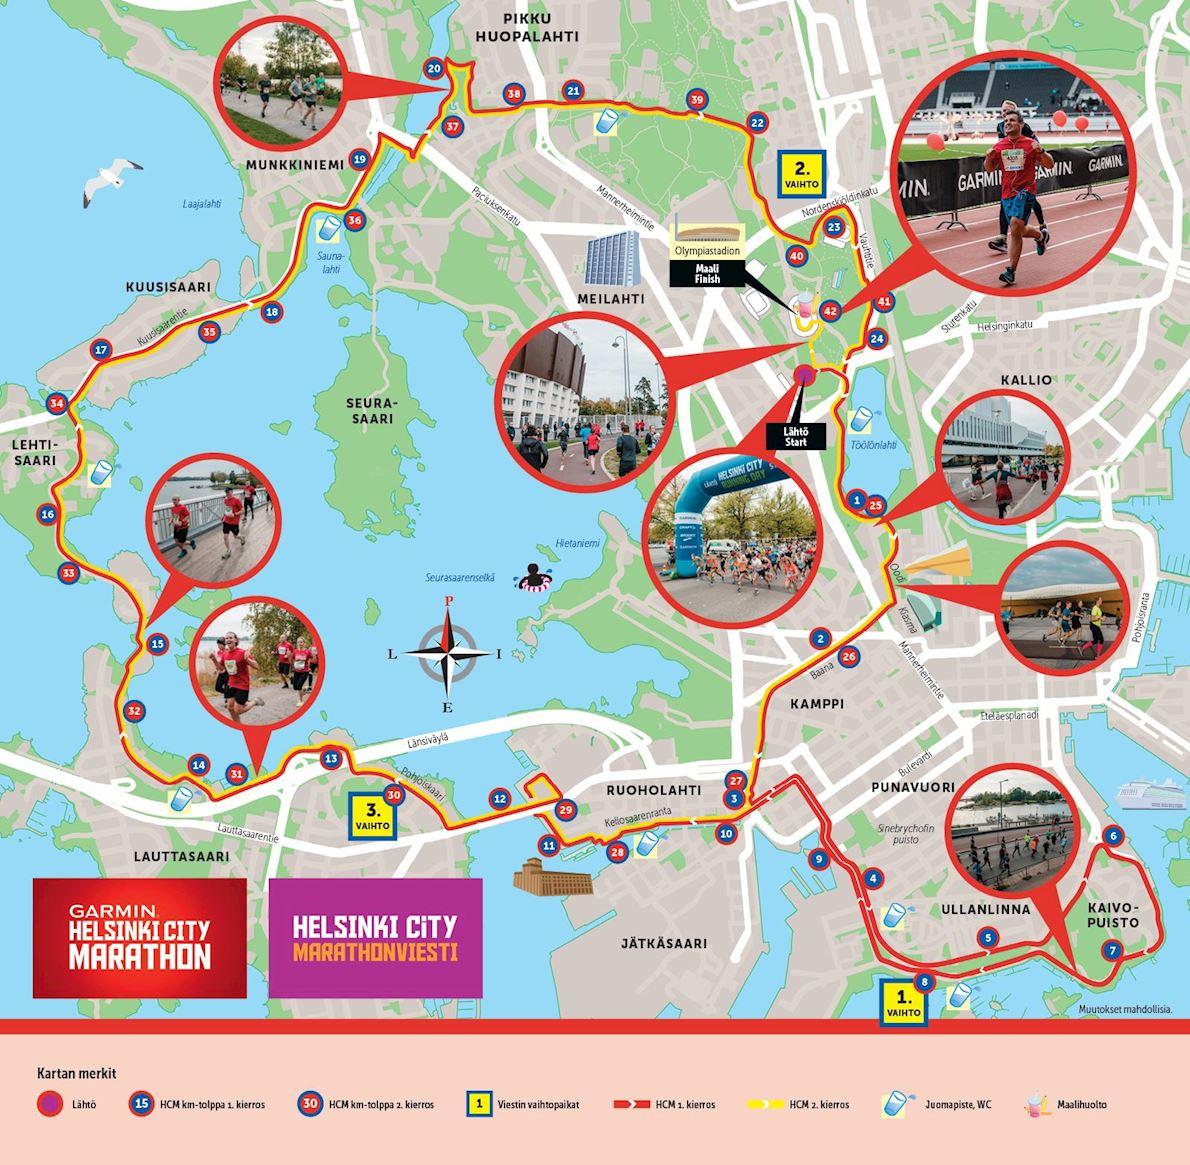 Helsinki City Running Day Mappa del percorso